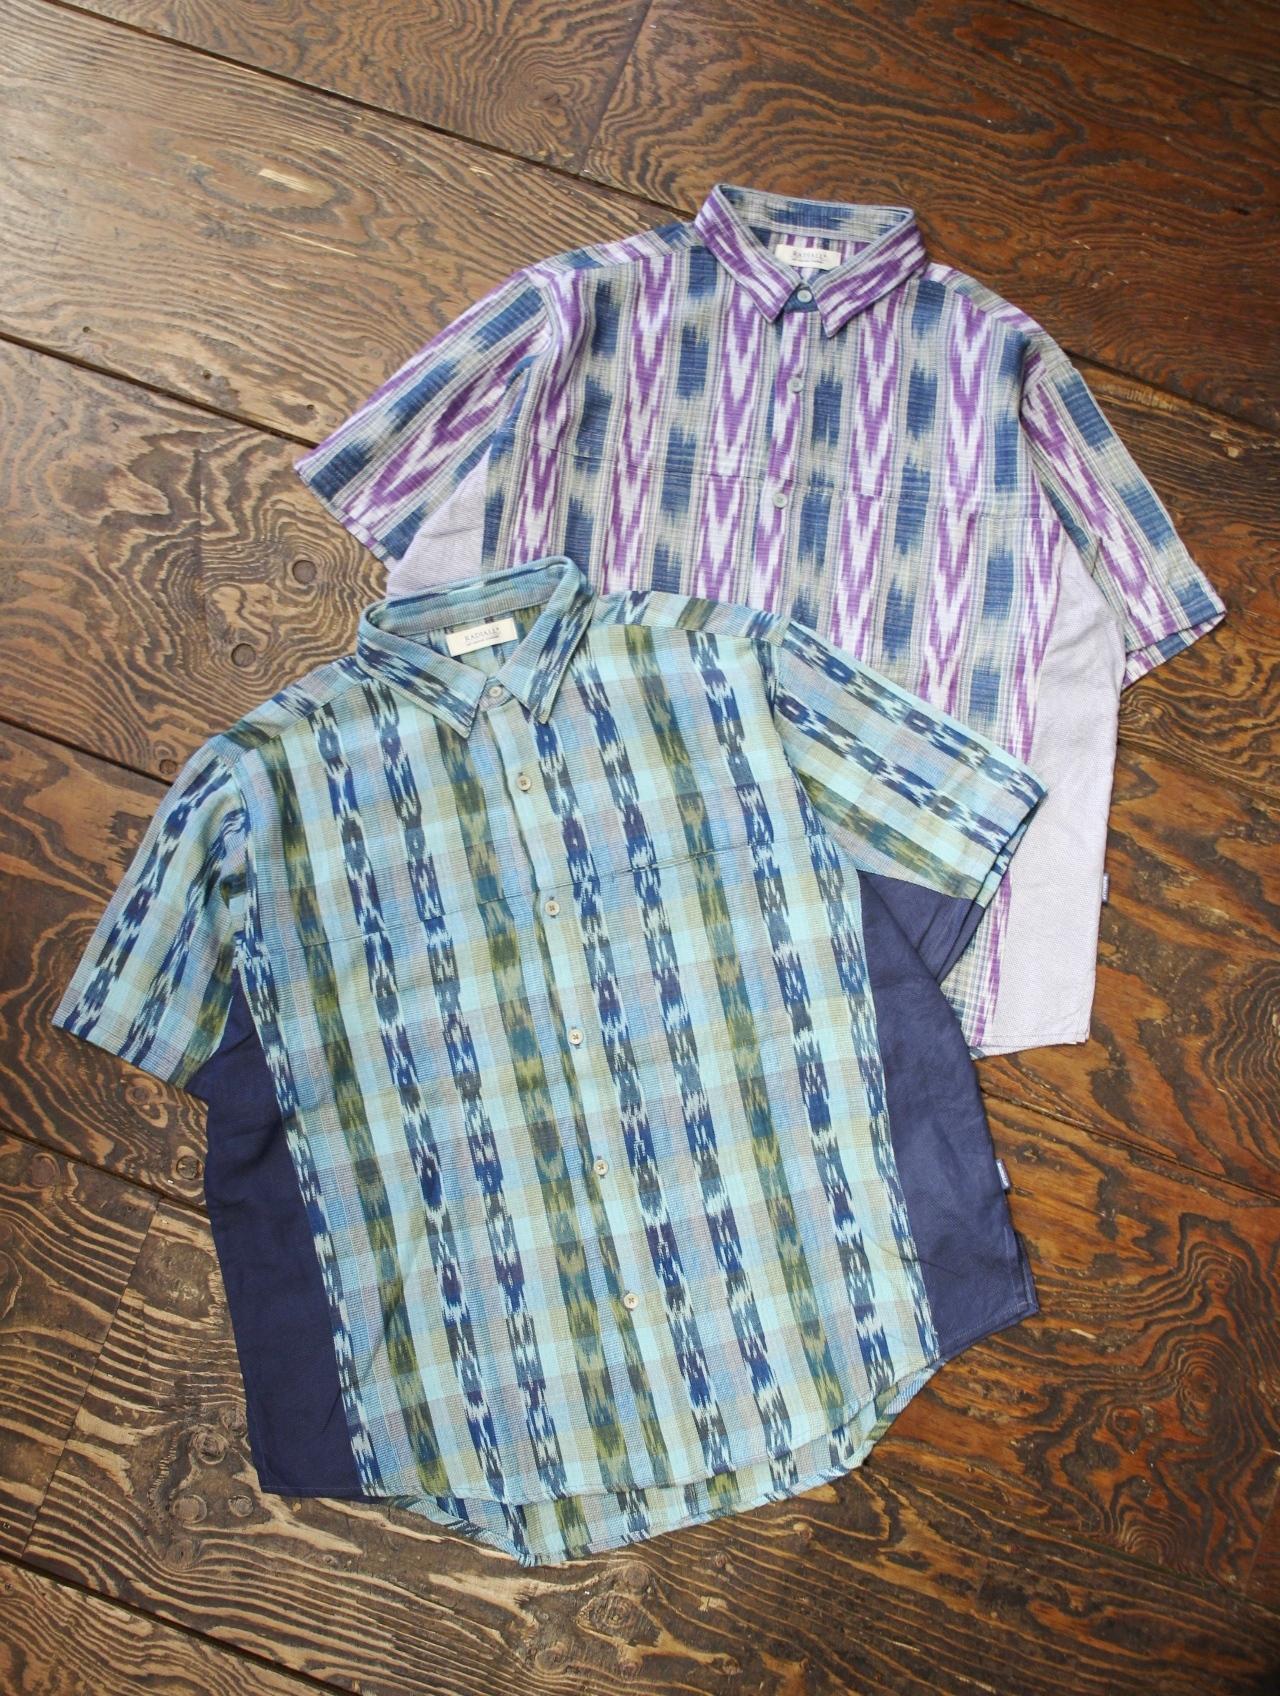 RADIALL  「EL CAMINO - REGULAR COLLARED SHIRT S/S」  レギュラーカラーシャツ